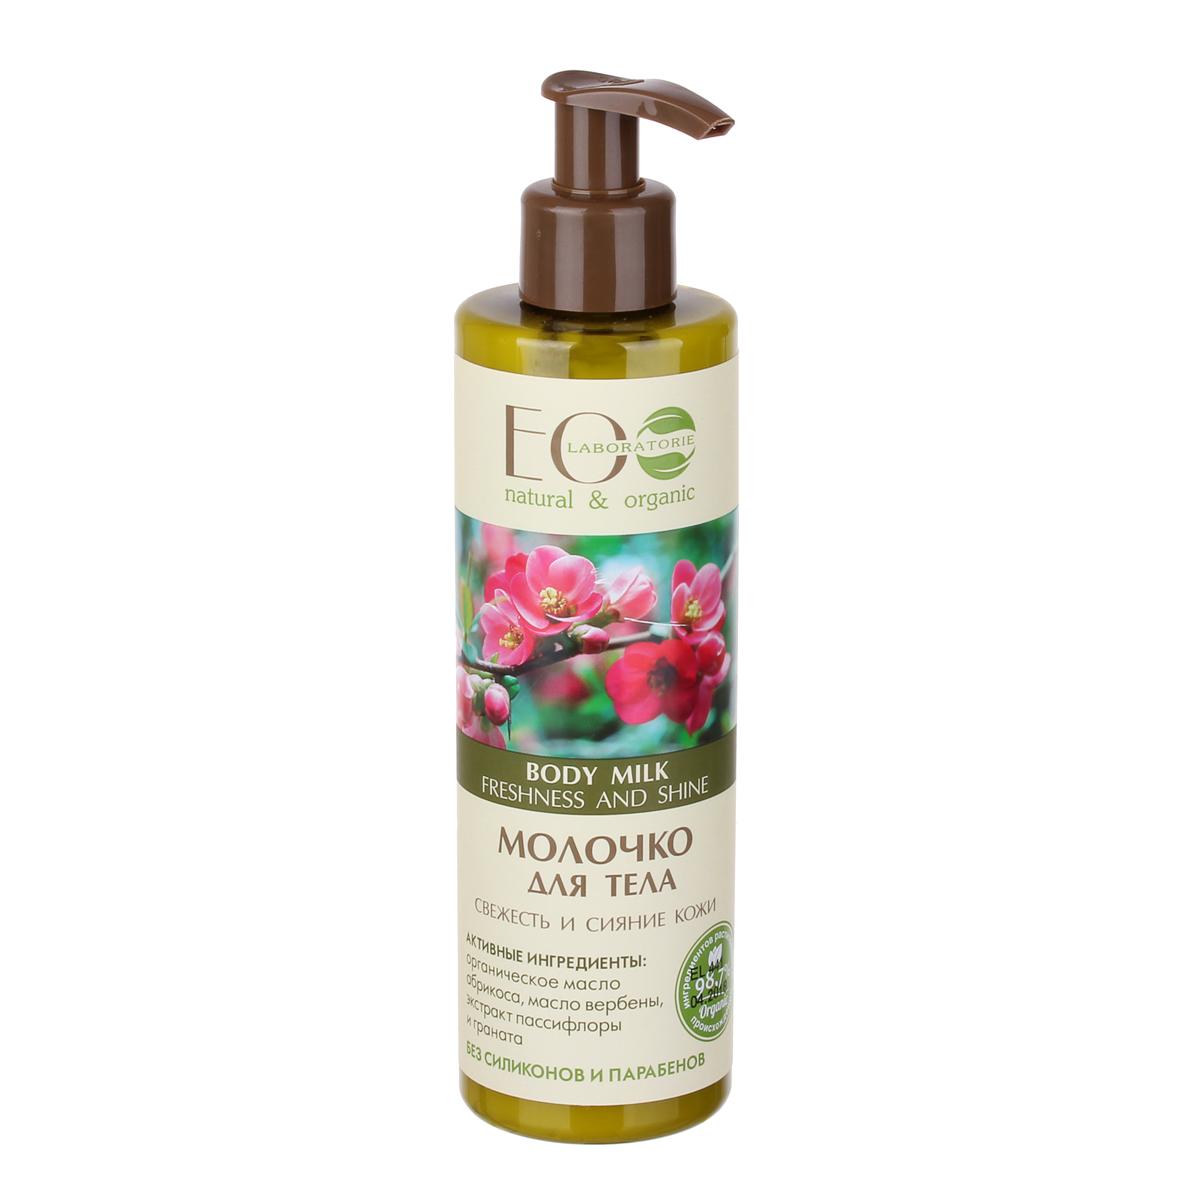 EcoLab ЭкоЛаб Молочко для тела Свежесть 250 мл4627089430885Увлажняет, смягчает кожу, делает её шелковистой, препятствует обезвоживанию, итает и успокаивает кожу, оставляя ощущение свежести и увлажненности. Активные ингредиенты: органическое масло абрикоса, экстракт граната, масло абрикоса, масло вербены, экстракт пассифлоры и граната